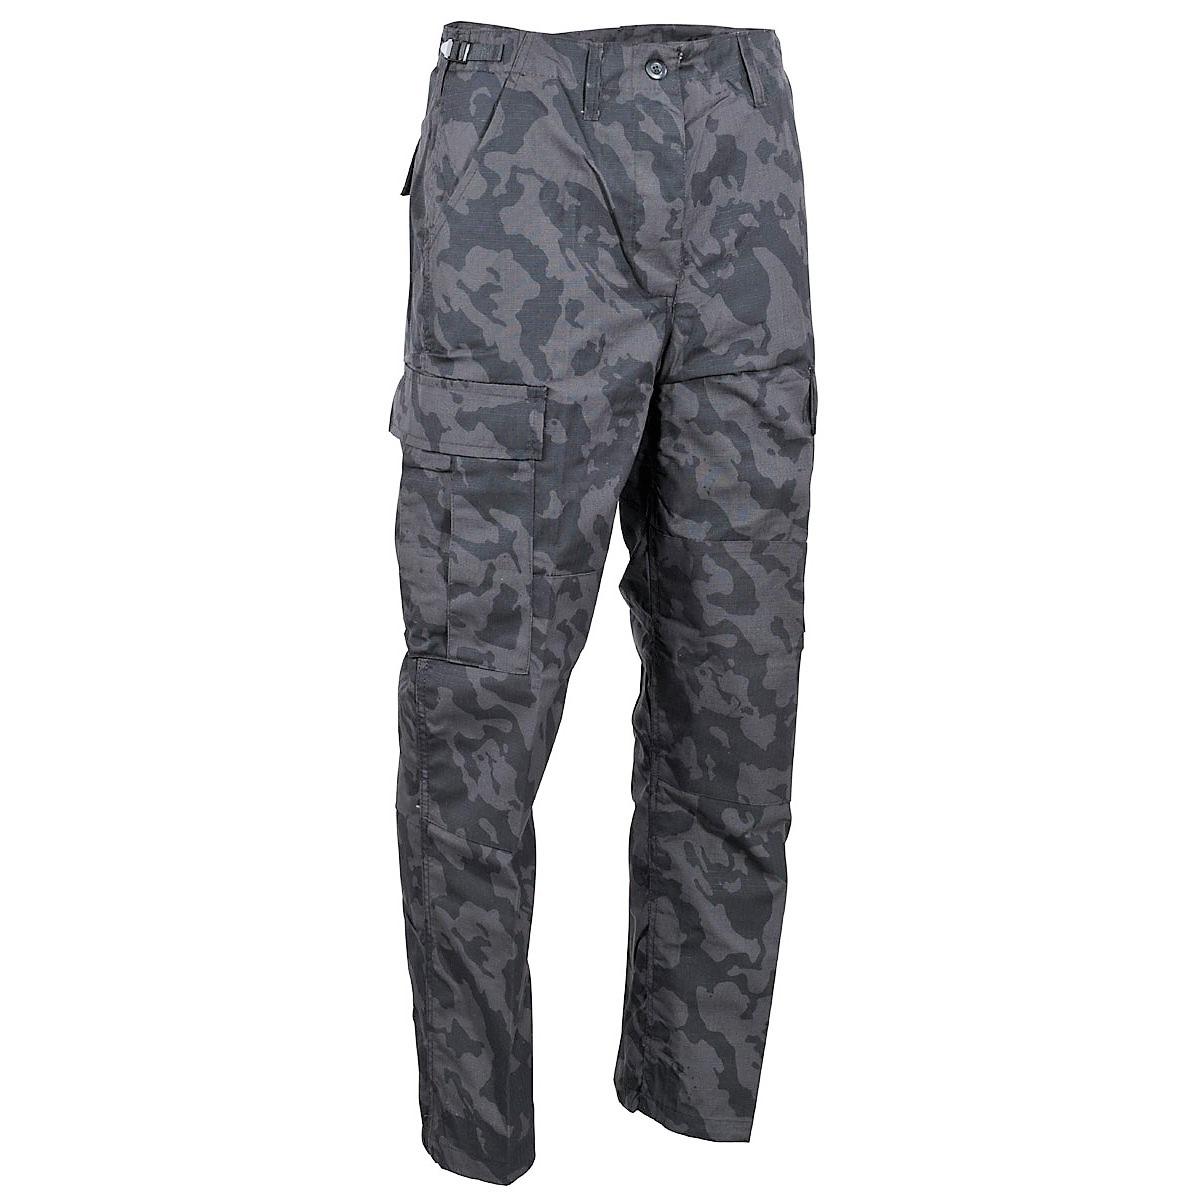 Kalhoty BDU night-camo ripstop MFH 01334K Vyberte velikost: 3XL